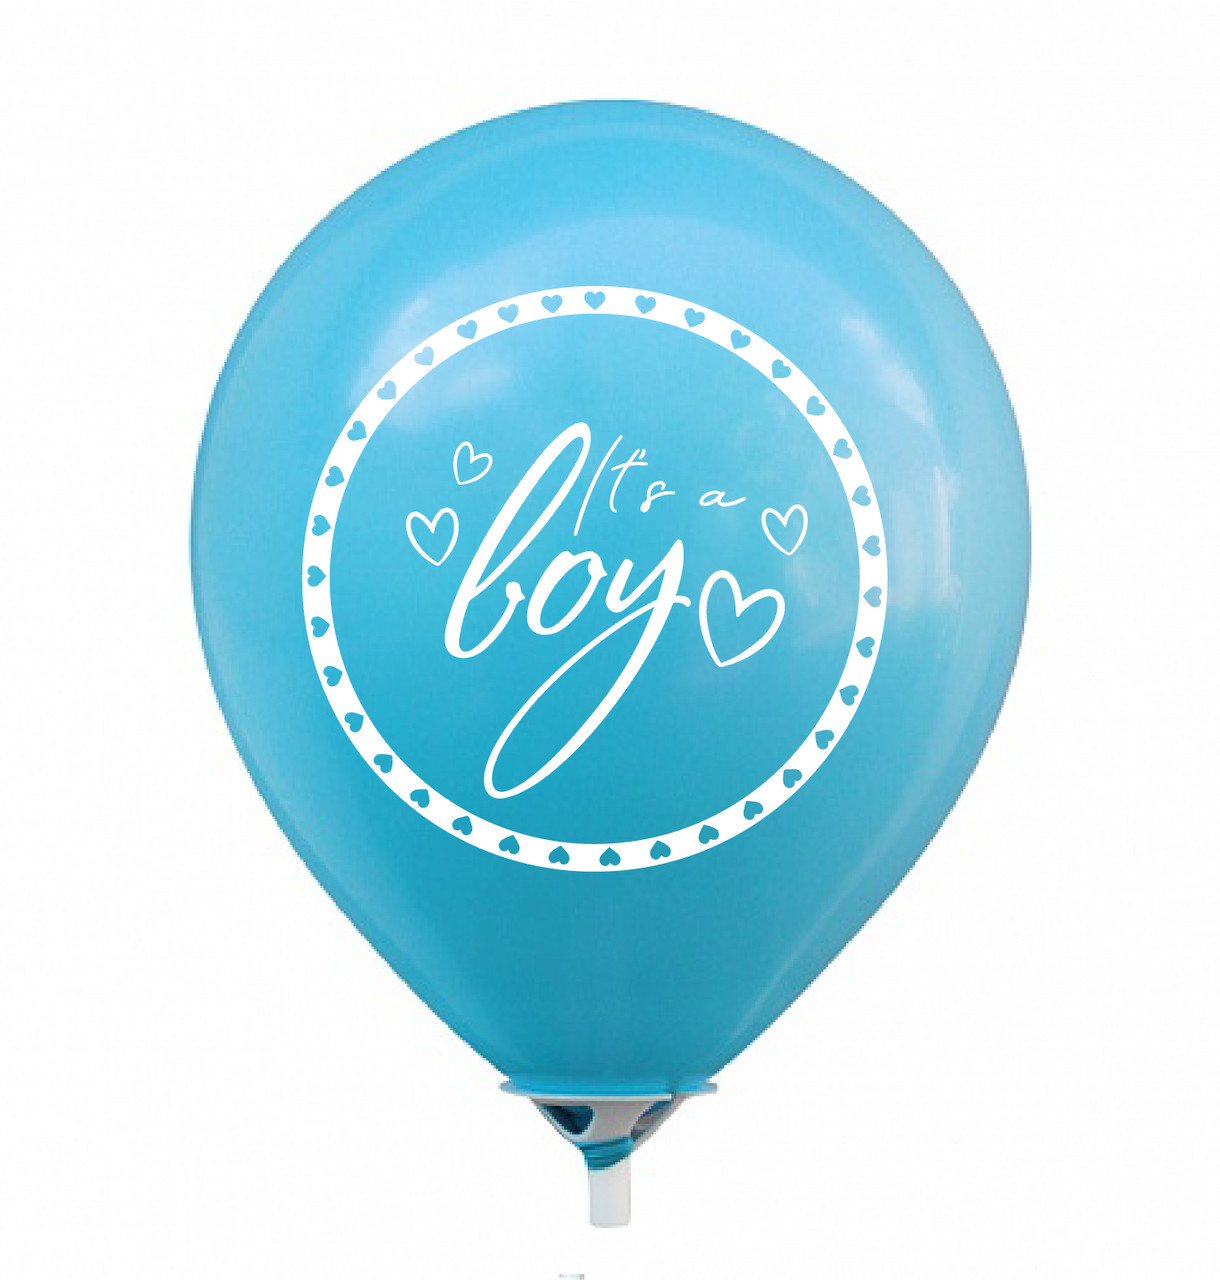 """Латексна кулька 12"""" блакитна з білим малюнком """"it's a boy"""" (КИТАЙ)"""